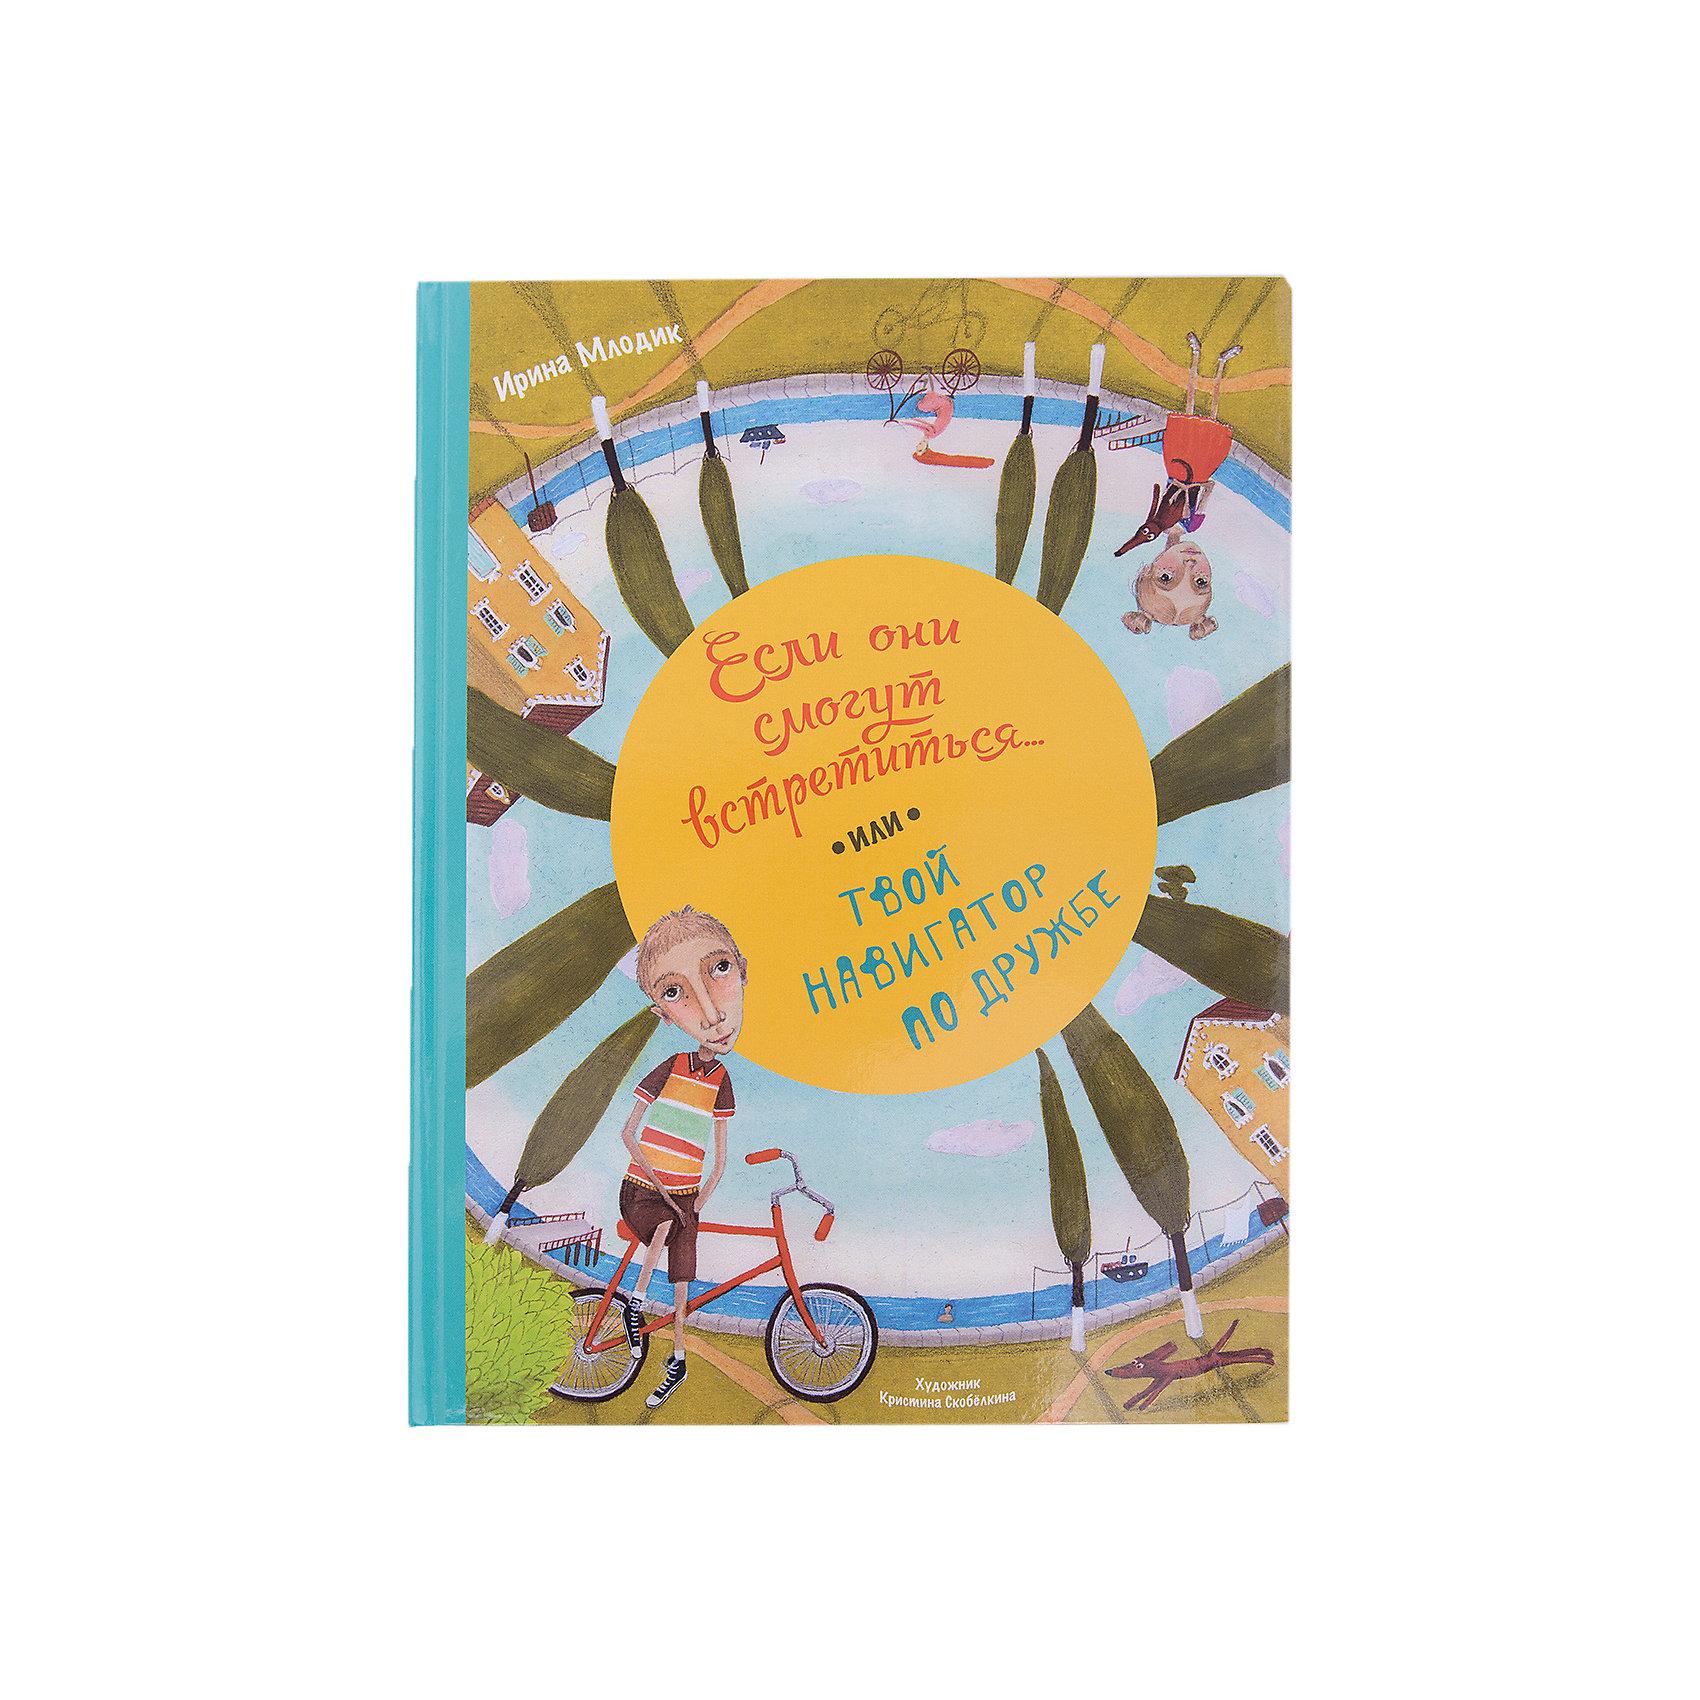 Твой навигатор по дружбе, И.Ю. МлодикФеникс<br>Характеристики товара: <br><br>• ISBN: 978-5-222-24414-2; <br>• возраст: от 4 лет;<br>• формат: 268х205; <br>• бумага: офсет; <br>• иллюстрации: цветные; <br>• серия: Яркое детство<br>• издательство: Феникс; <br>• автор: Млодик Ирина Юрьевна;<br>• количество страниц:48; <br>• размер: 26,8х20,5 см;<br>• вес: 250 грамм.<br><br>Издание «Твой навигатор по дружбе» научит ребенка общаться со сверстниками, находить друзей и выстраивать взаимоотношения. После прочтения даже самые стеснительные читатели смогут обзавестись верными друзьями.<br><br>Книгу «Твой навигатор по дружбе», И.Ю. Млодик, Феникс можно купить в нашем интернет-магазине.<br><br>Ширина мм: 267<br>Глубина мм: 205<br>Высота мм: 8<br>Вес г: 1960<br>Возраст от месяцев: 60<br>Возраст до месяцев: 120<br>Пол: Унисекс<br>Возраст: Детский<br>SKU: 4771374